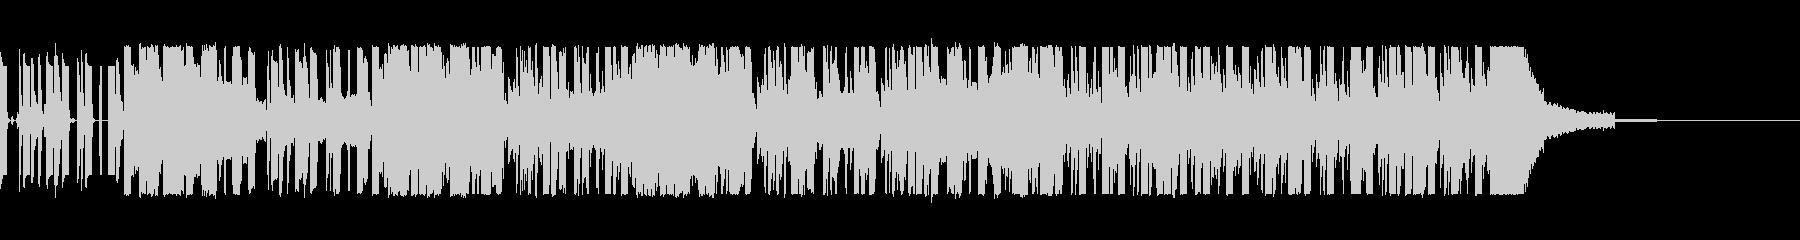 エレクトロ ハウス テクノの未再生の波形